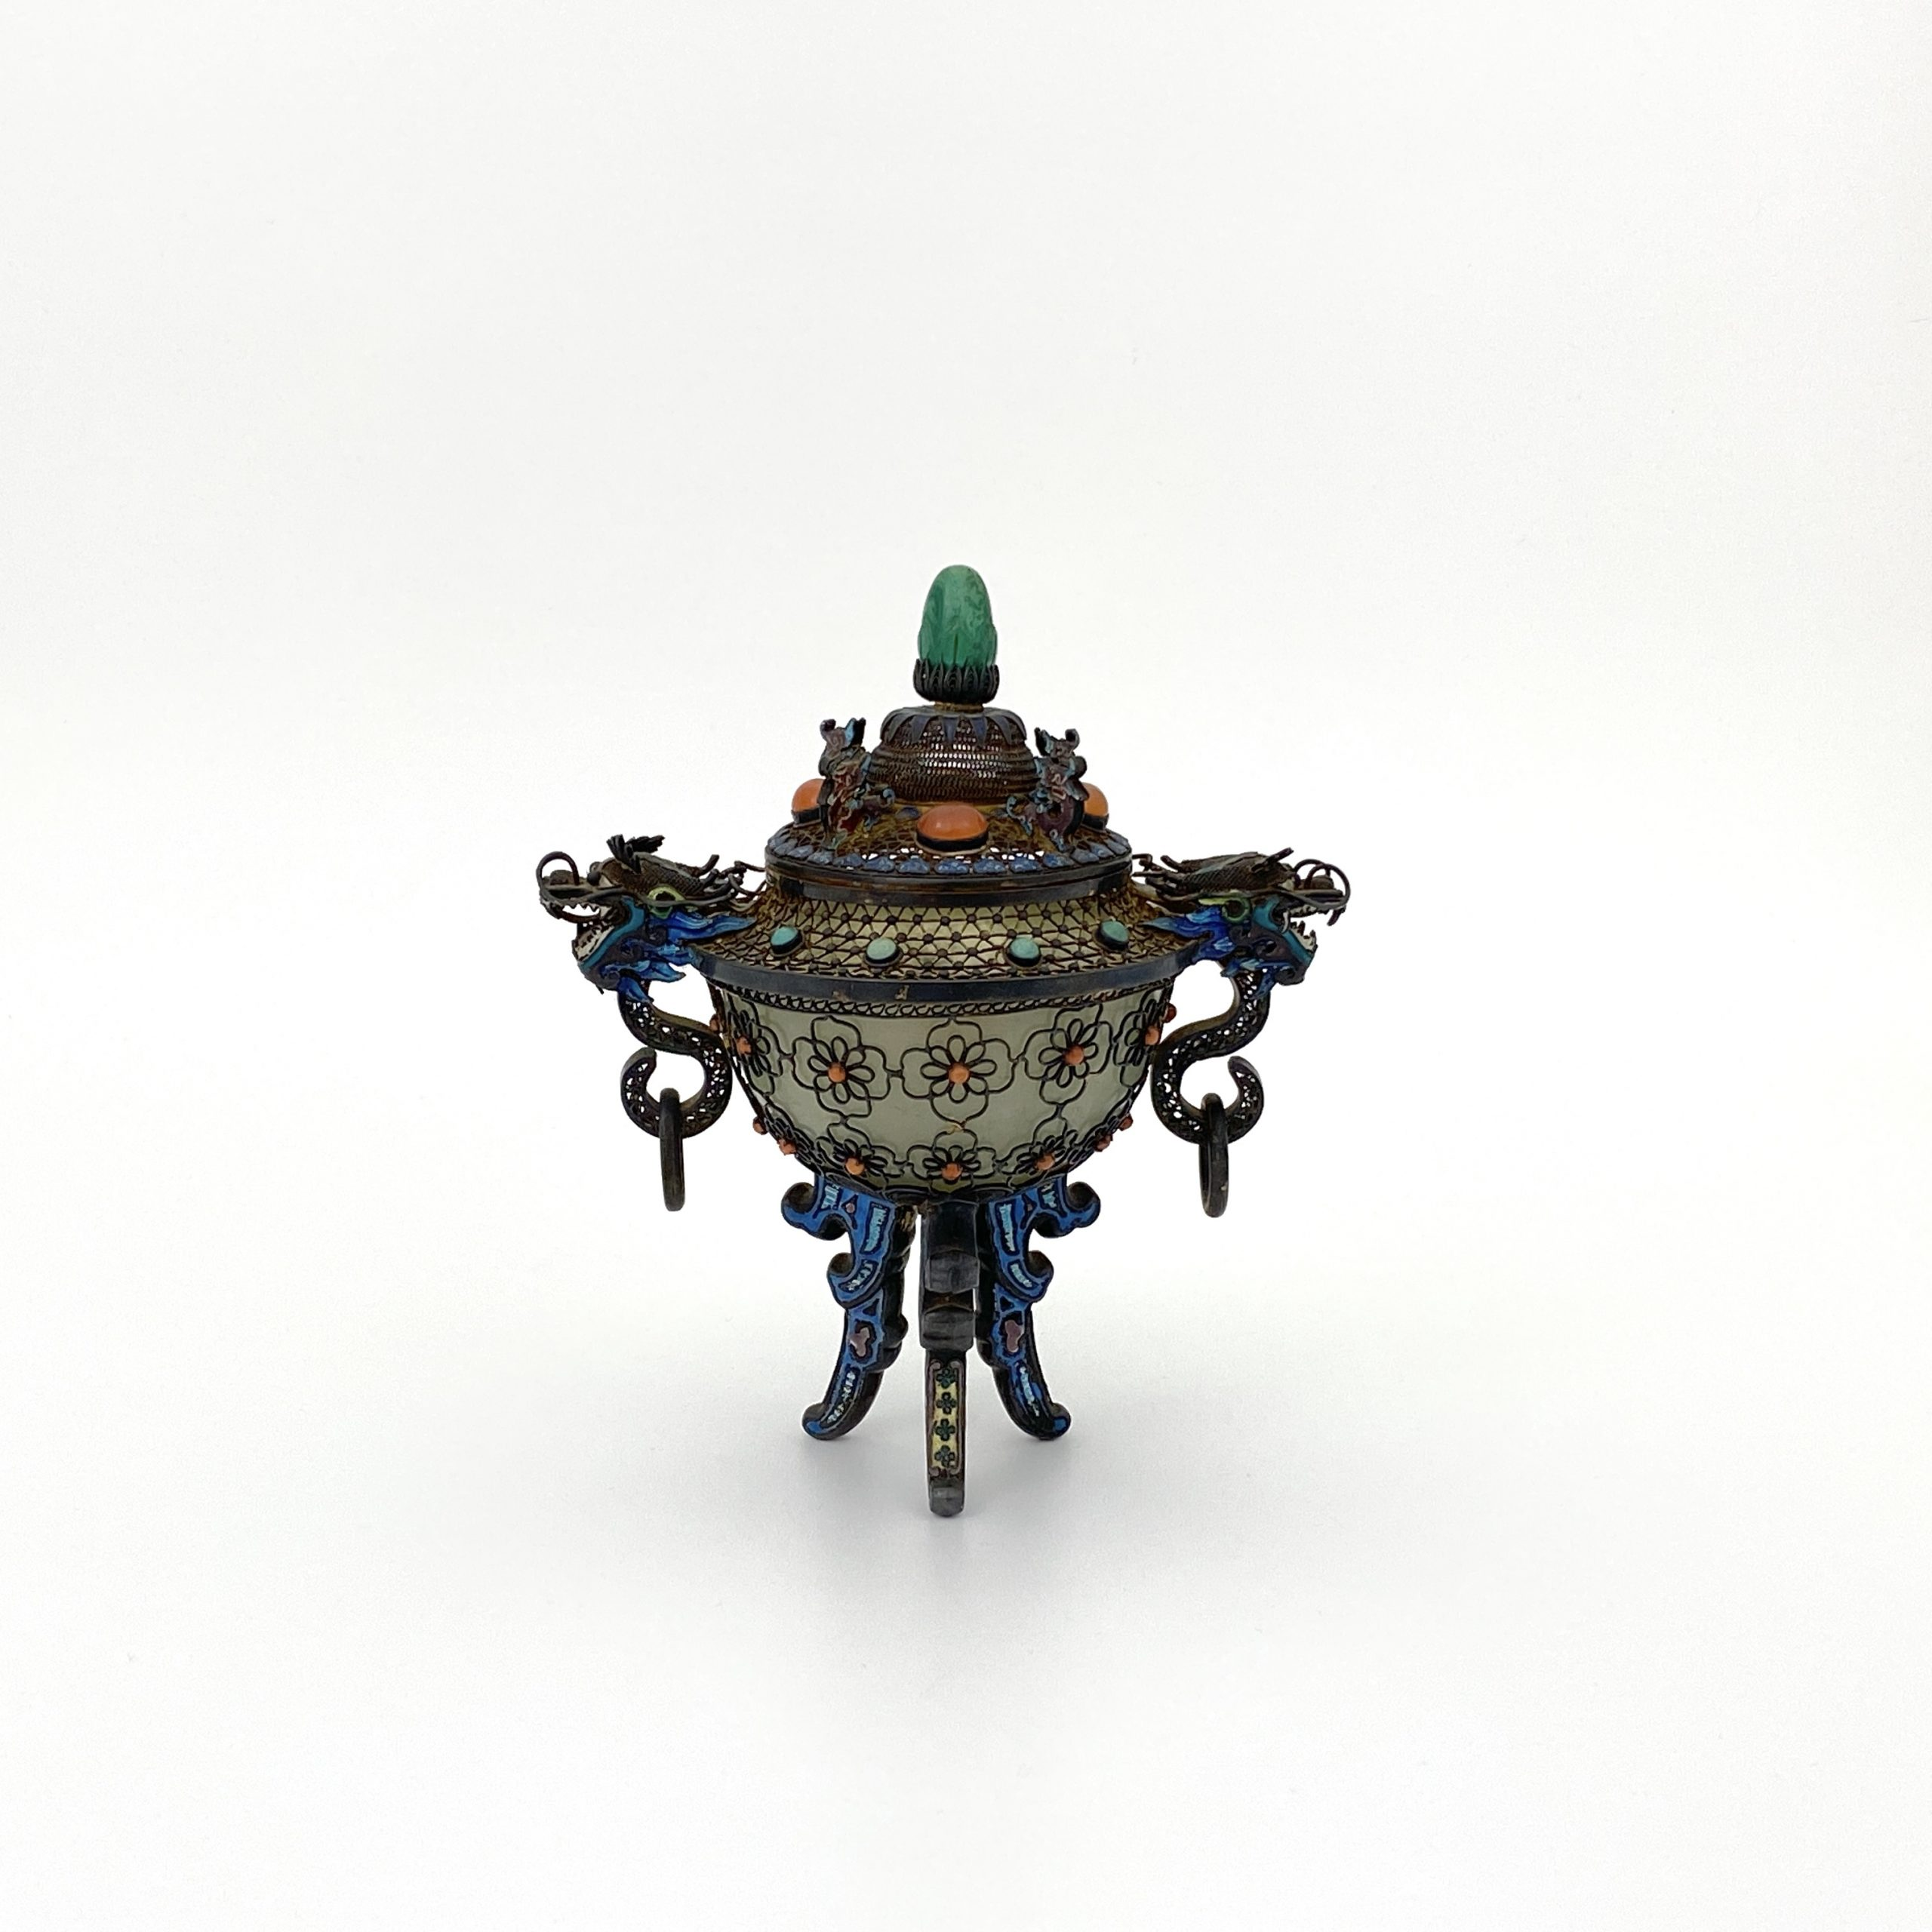 30013十九世紀 玉包銀絲局部琺瑯嵌百寶 龍耳爐